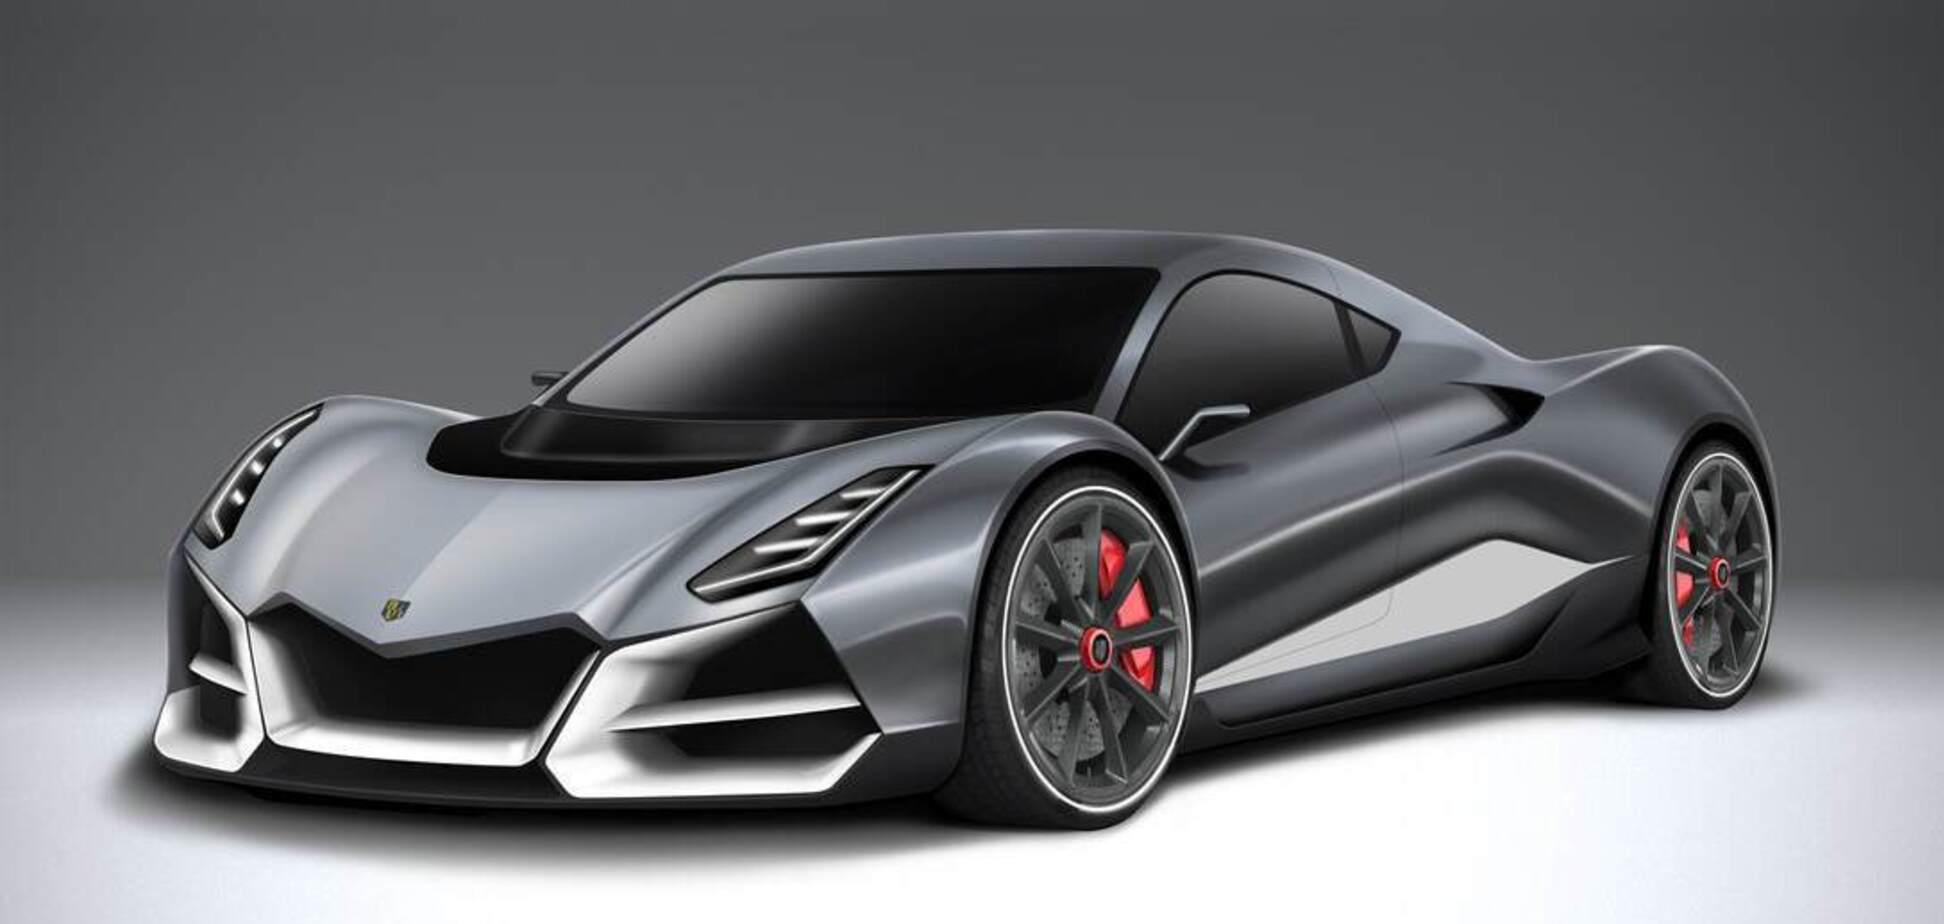 Швейцарська фірма Morand Cars анонсувала проєкт гіперкара